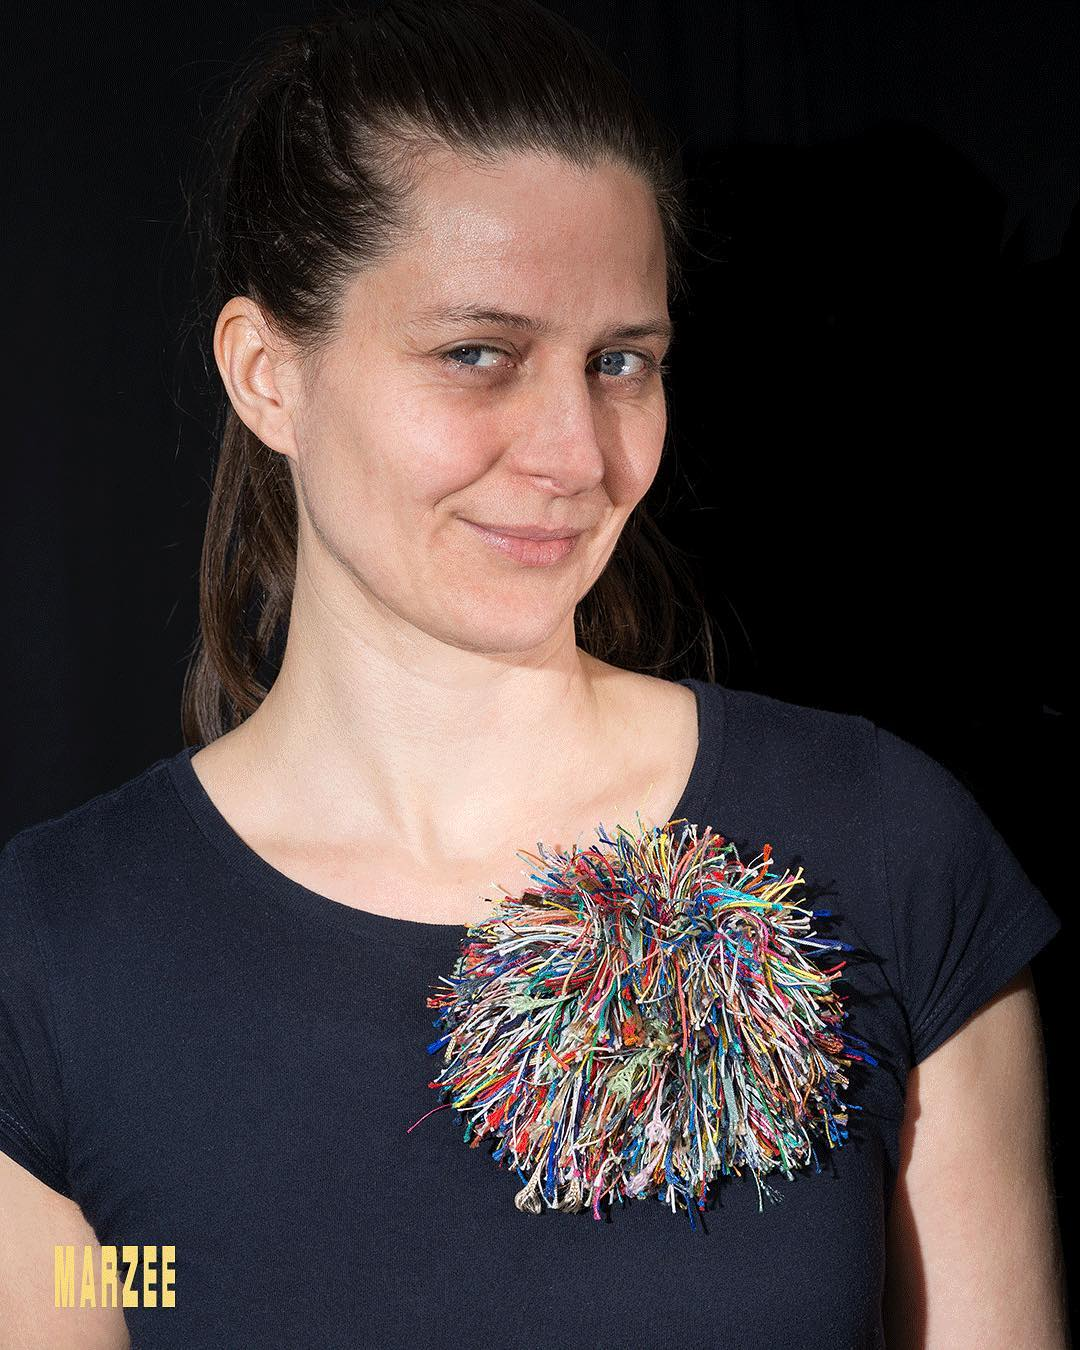 Barbara Schrobenhauser draagt een broche van Barabara Schrobenhauser, You and Me uit 2017. Foto met dank aan Galerie Marzee©